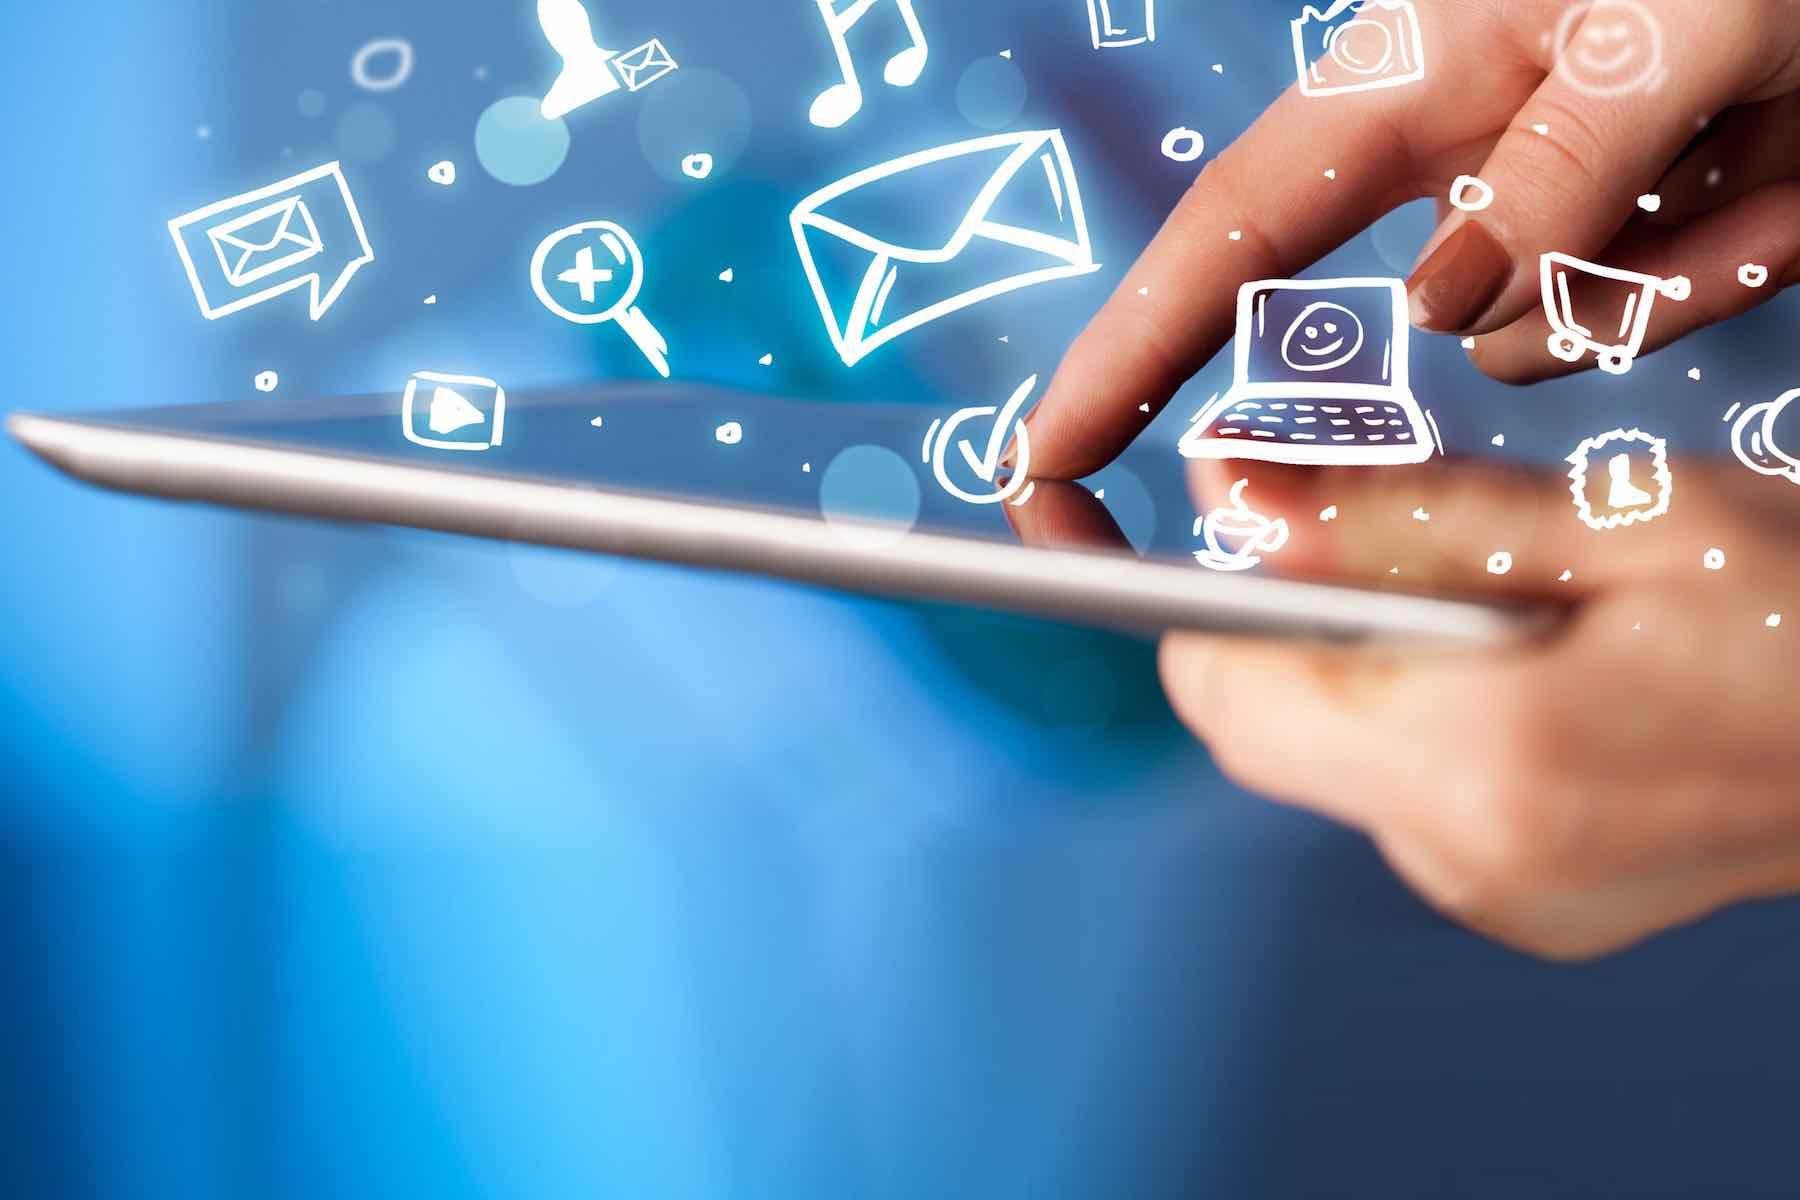 Kosova e Shqipëria me shpejtësinë më të dobët të internetit në rajon